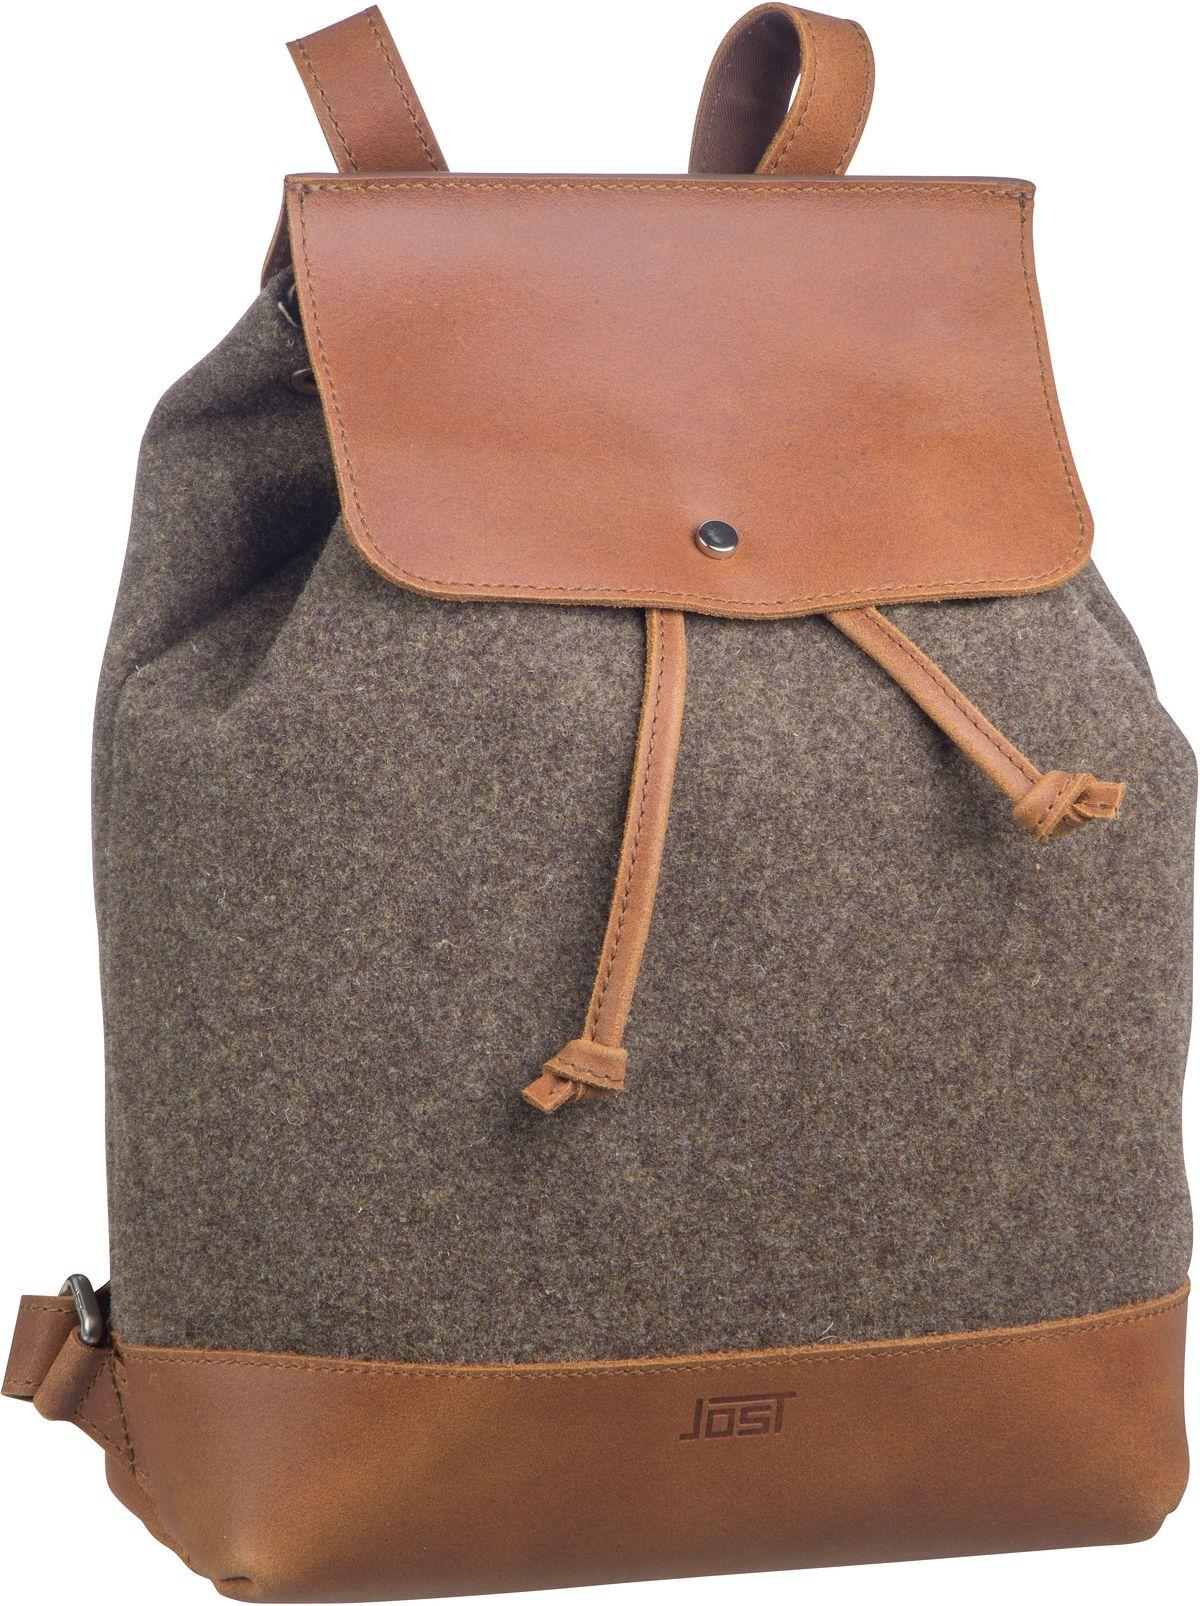 Rucksack / Daypack Farum 3028 Drawstring Backpack Brown